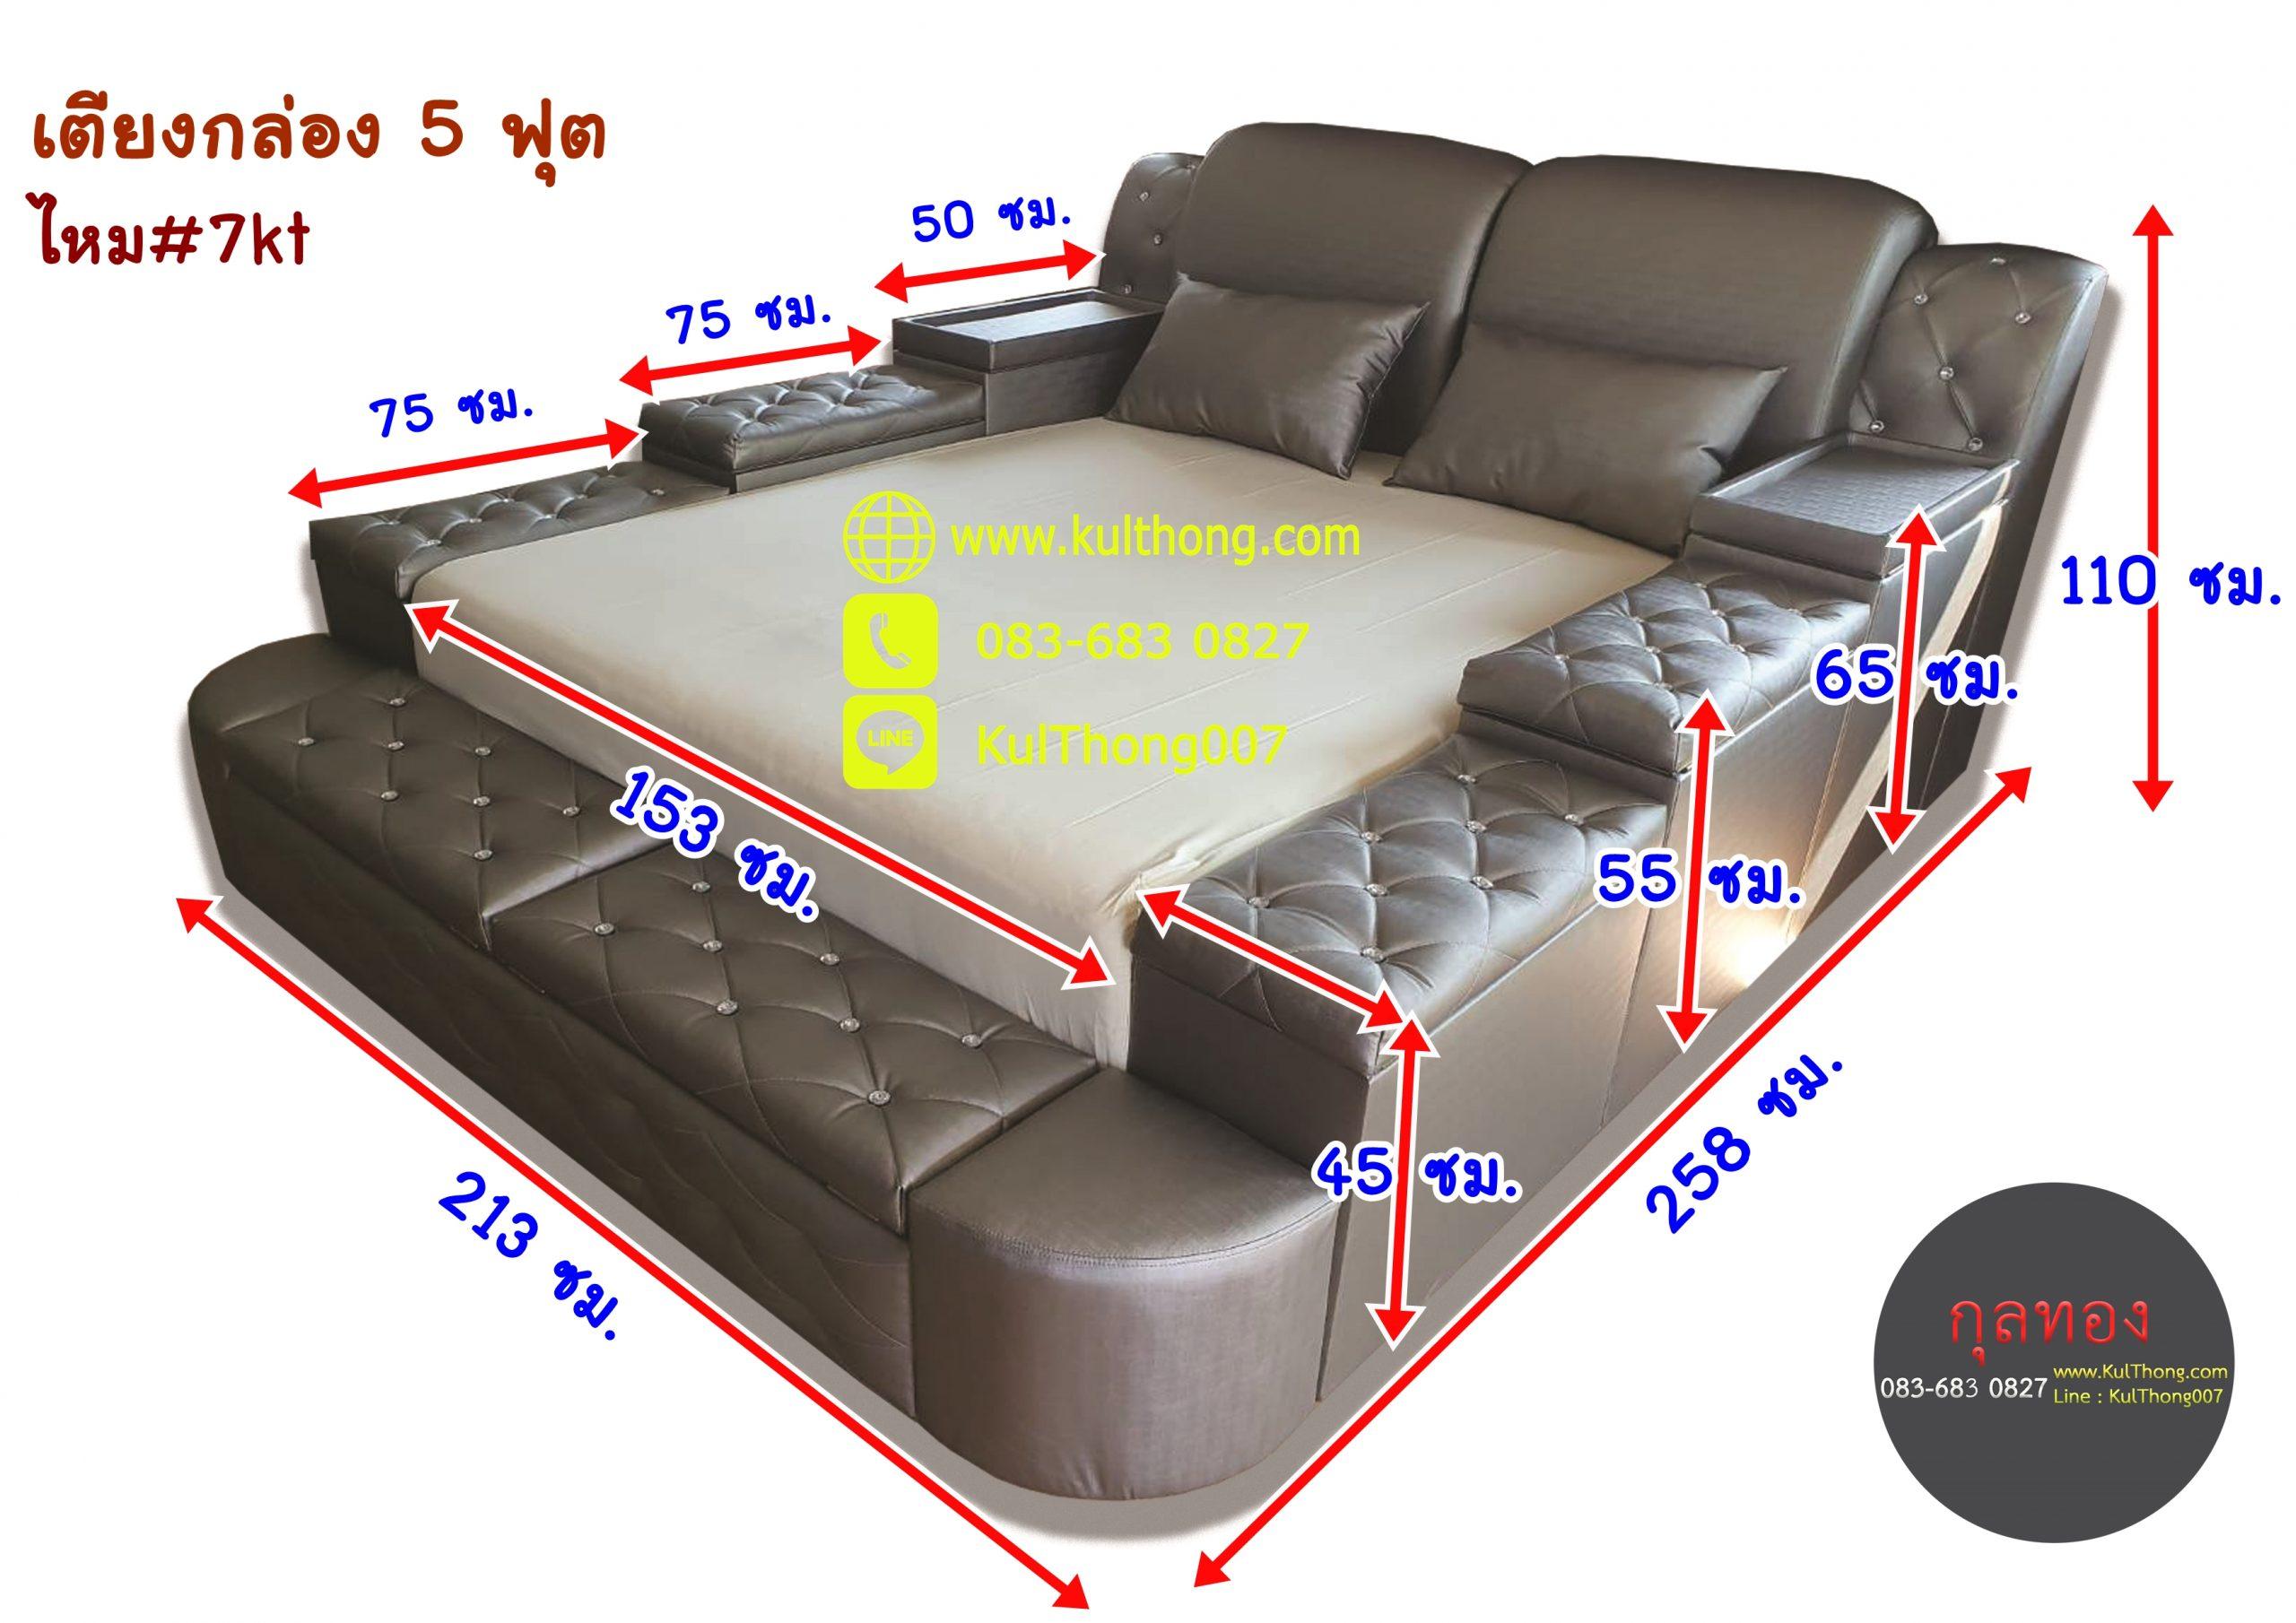 เตียงกล่อง 5 ฟุต เตียงกล่อง เตียงใส่ของ เตียงมีตู้รอบทิศ เตียงเก็บของ